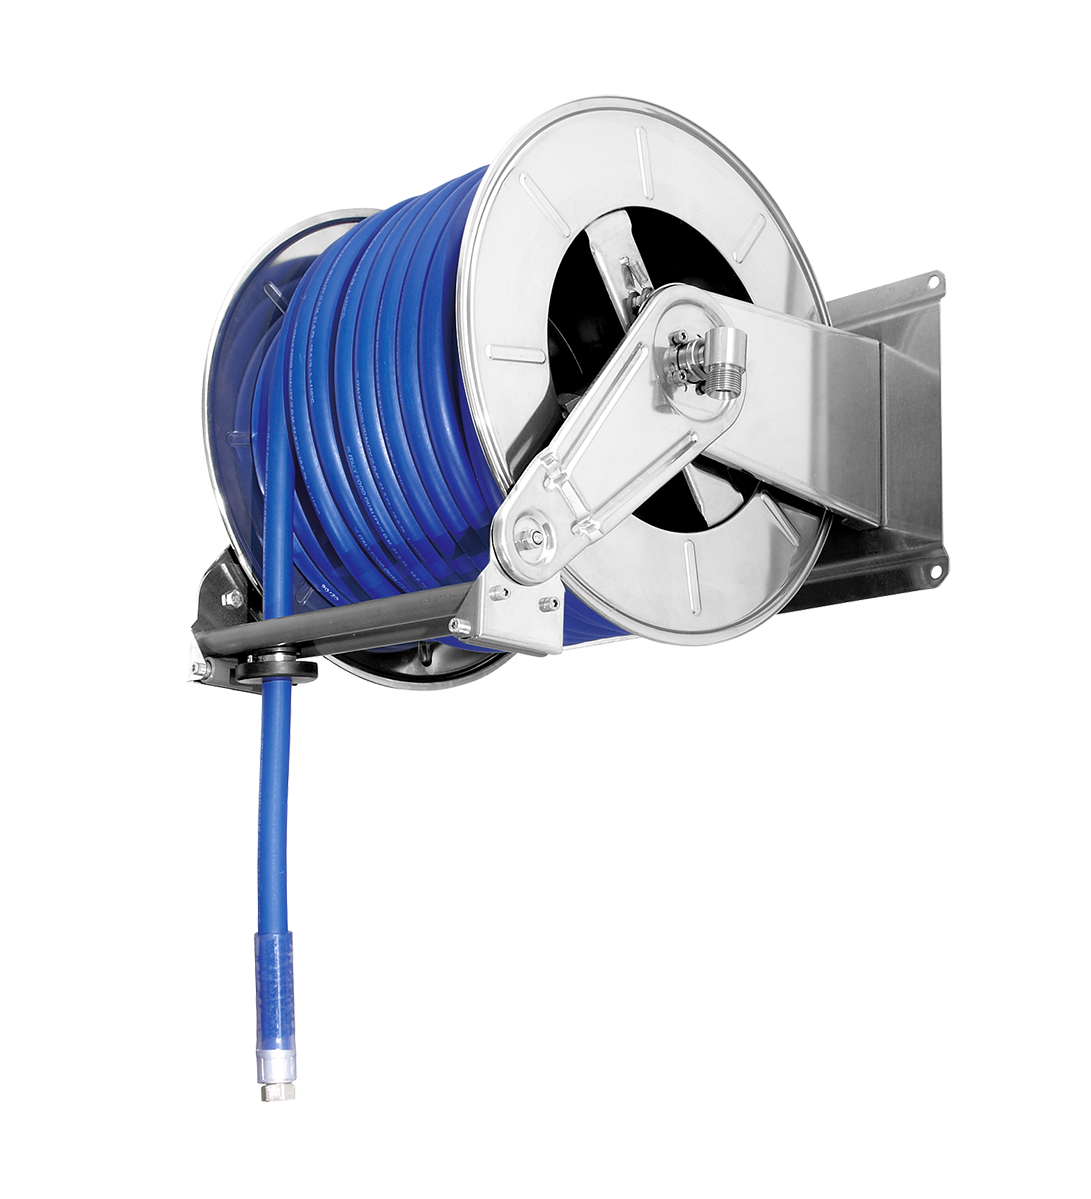 Enrouleur de tuyaux automatique <40 mètres 3/4